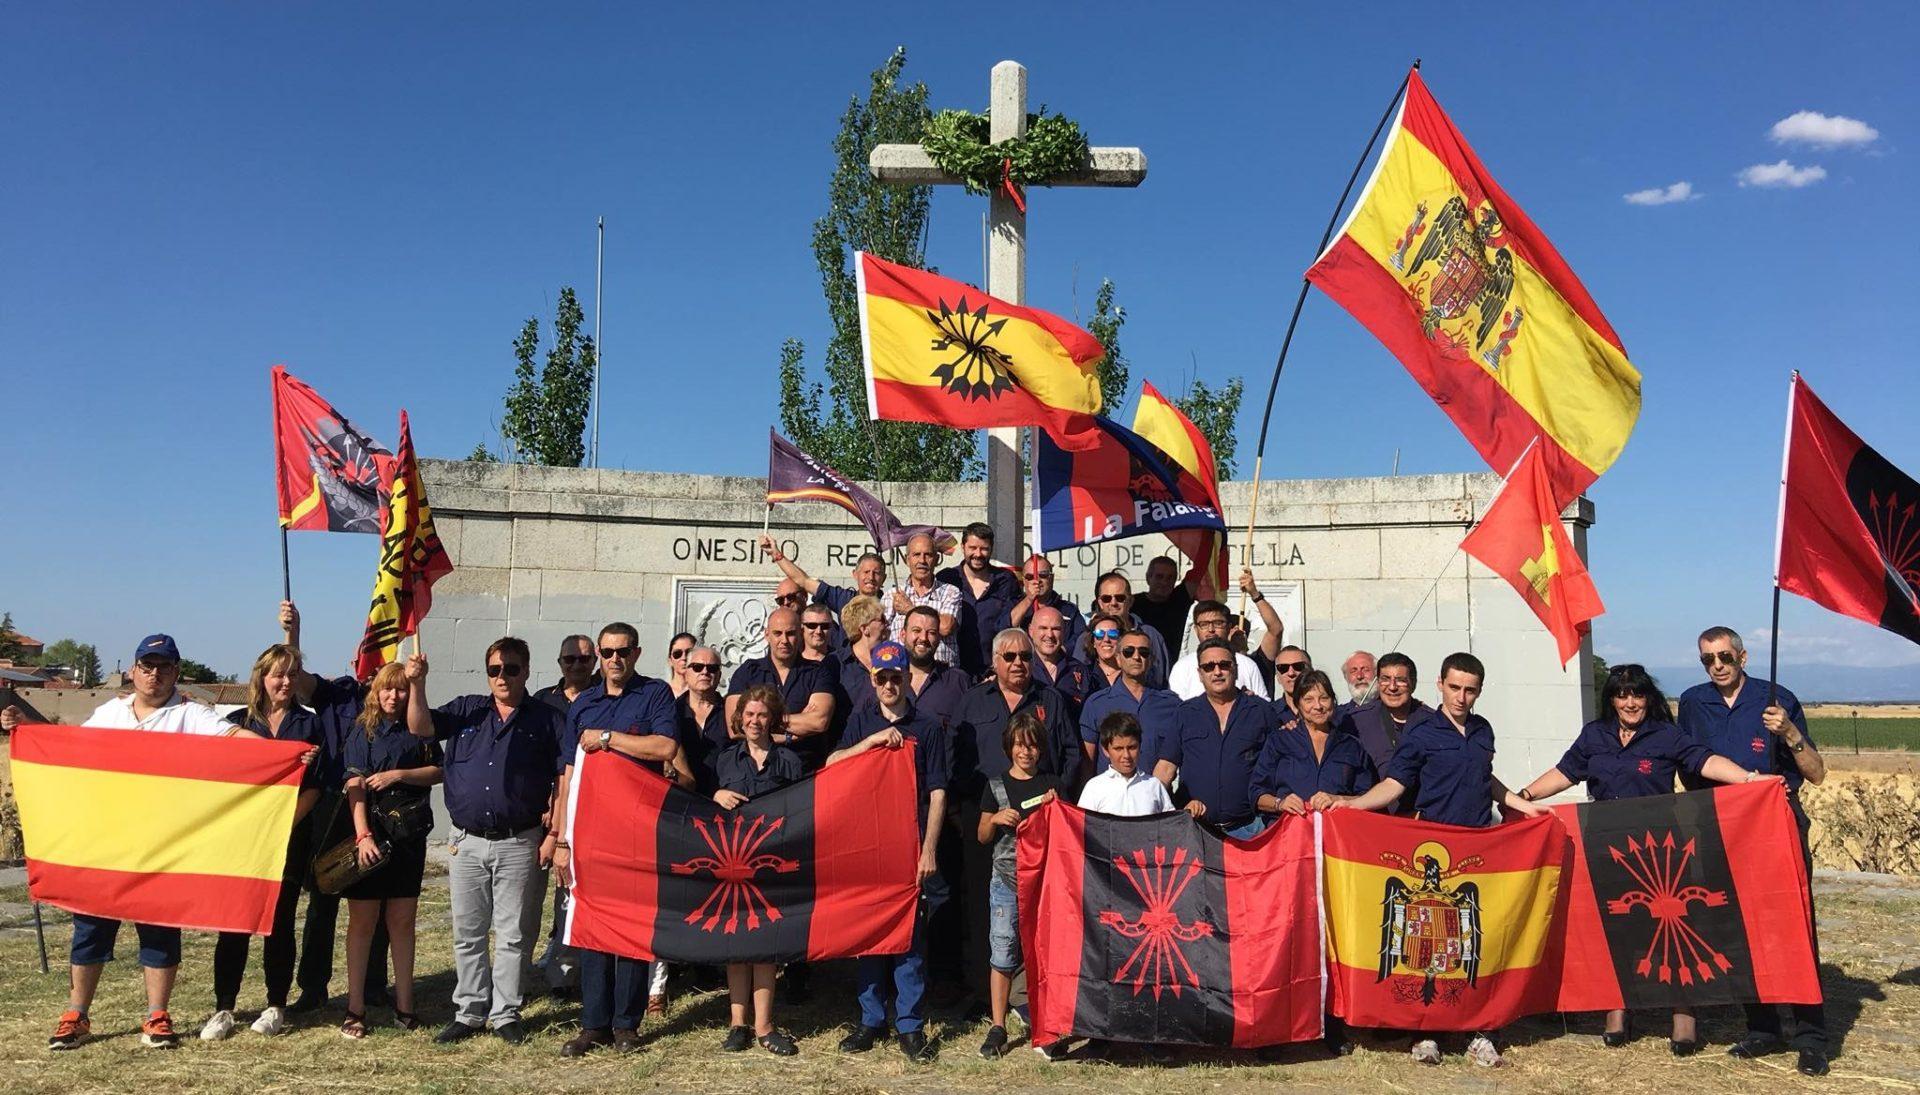 8-Marzo: Homenaje en Valladolid y desagravio en Labajos a Onésimo Redondo ¡¡¡ACUDE!!!